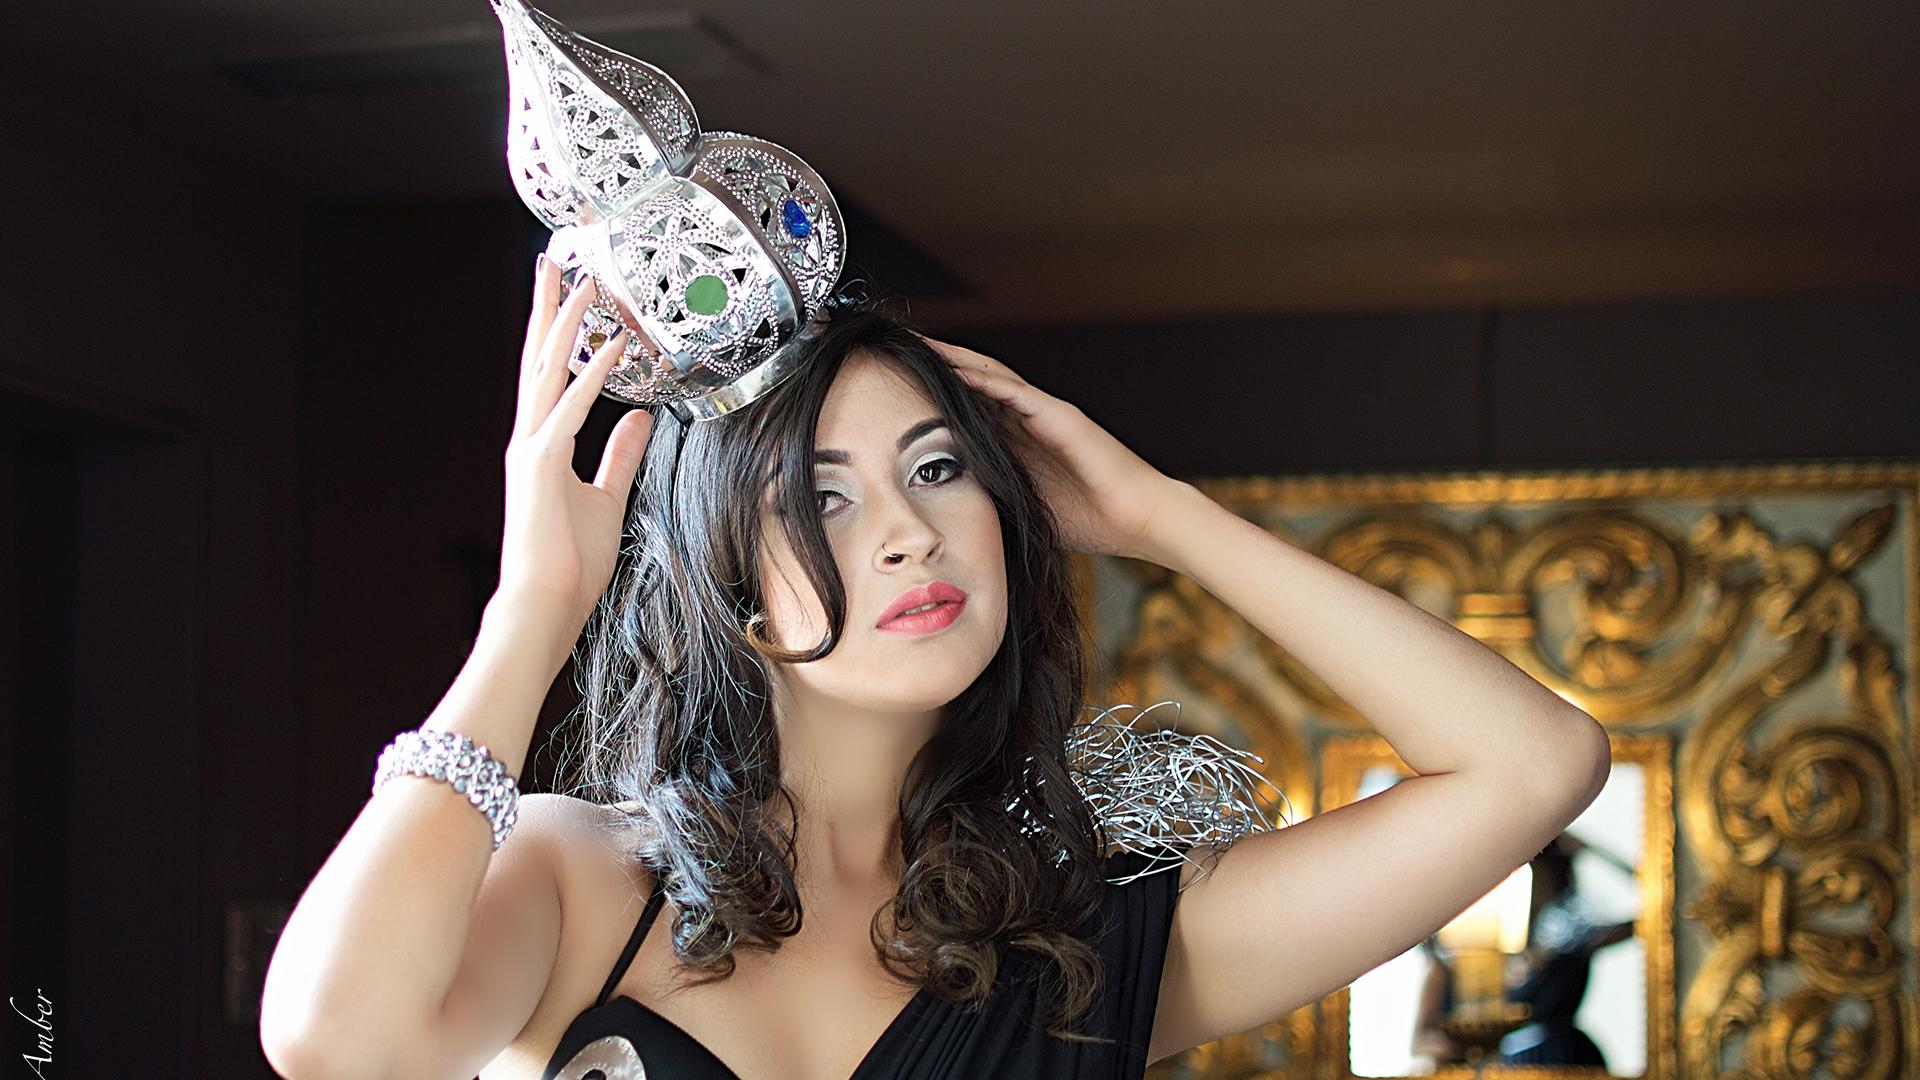 Una cordobesa expuso sus vestidos arte en venecia musa for Modelo cordobesa